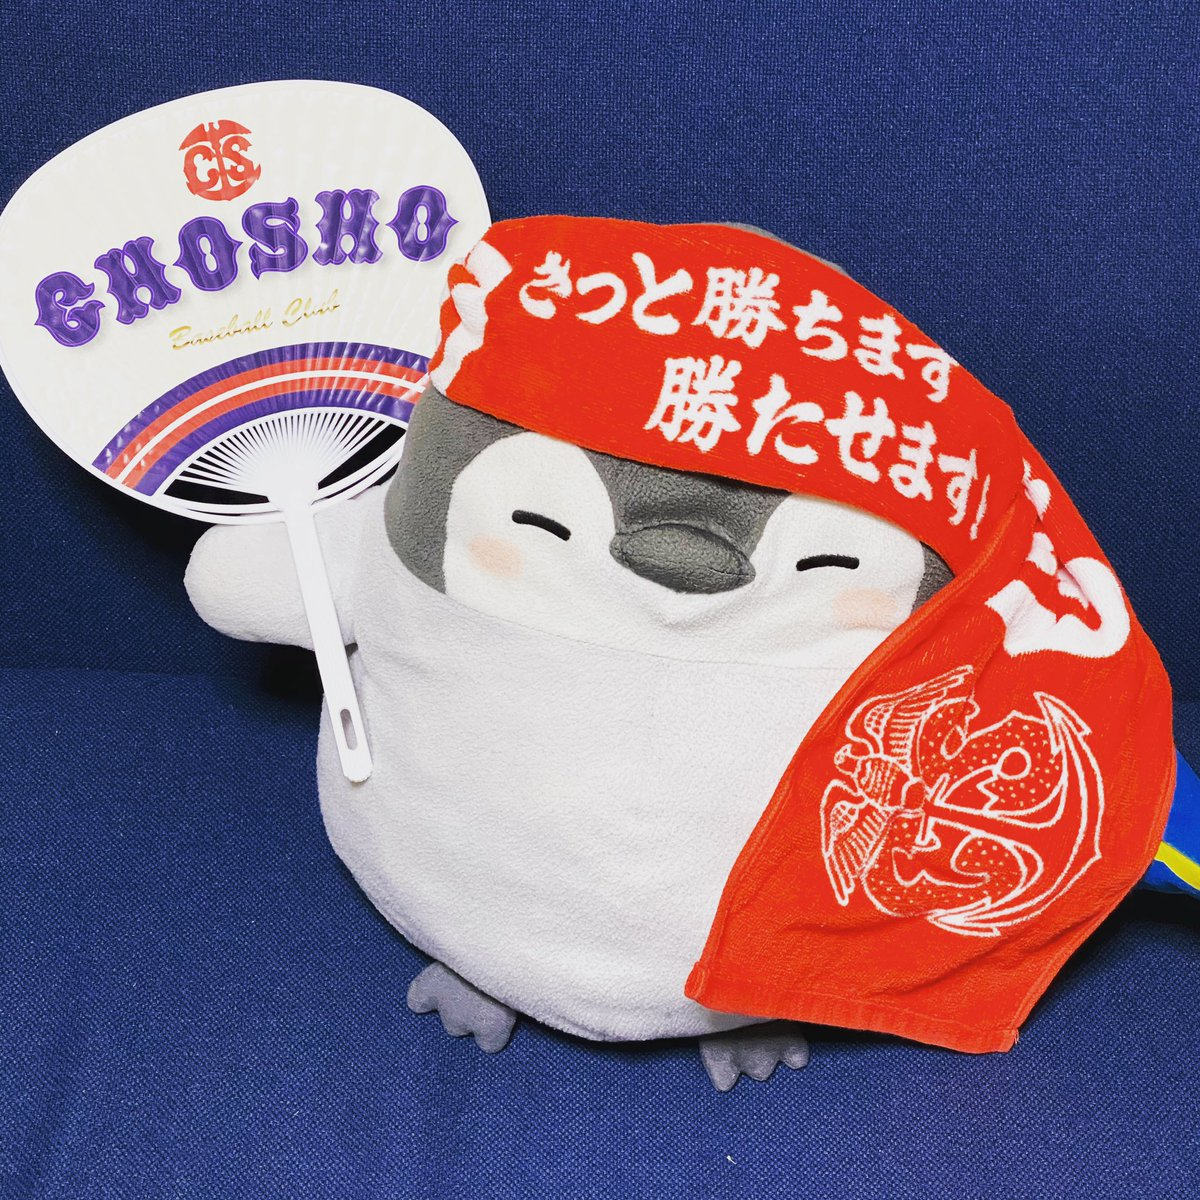 浦学ファンの方からエールを頂けた✨  嬉しいな😊  関東大会で当たったら発狂するな笑 2012年秋関東大会のリベンジだ💪 #銚子商業 #浦和学院